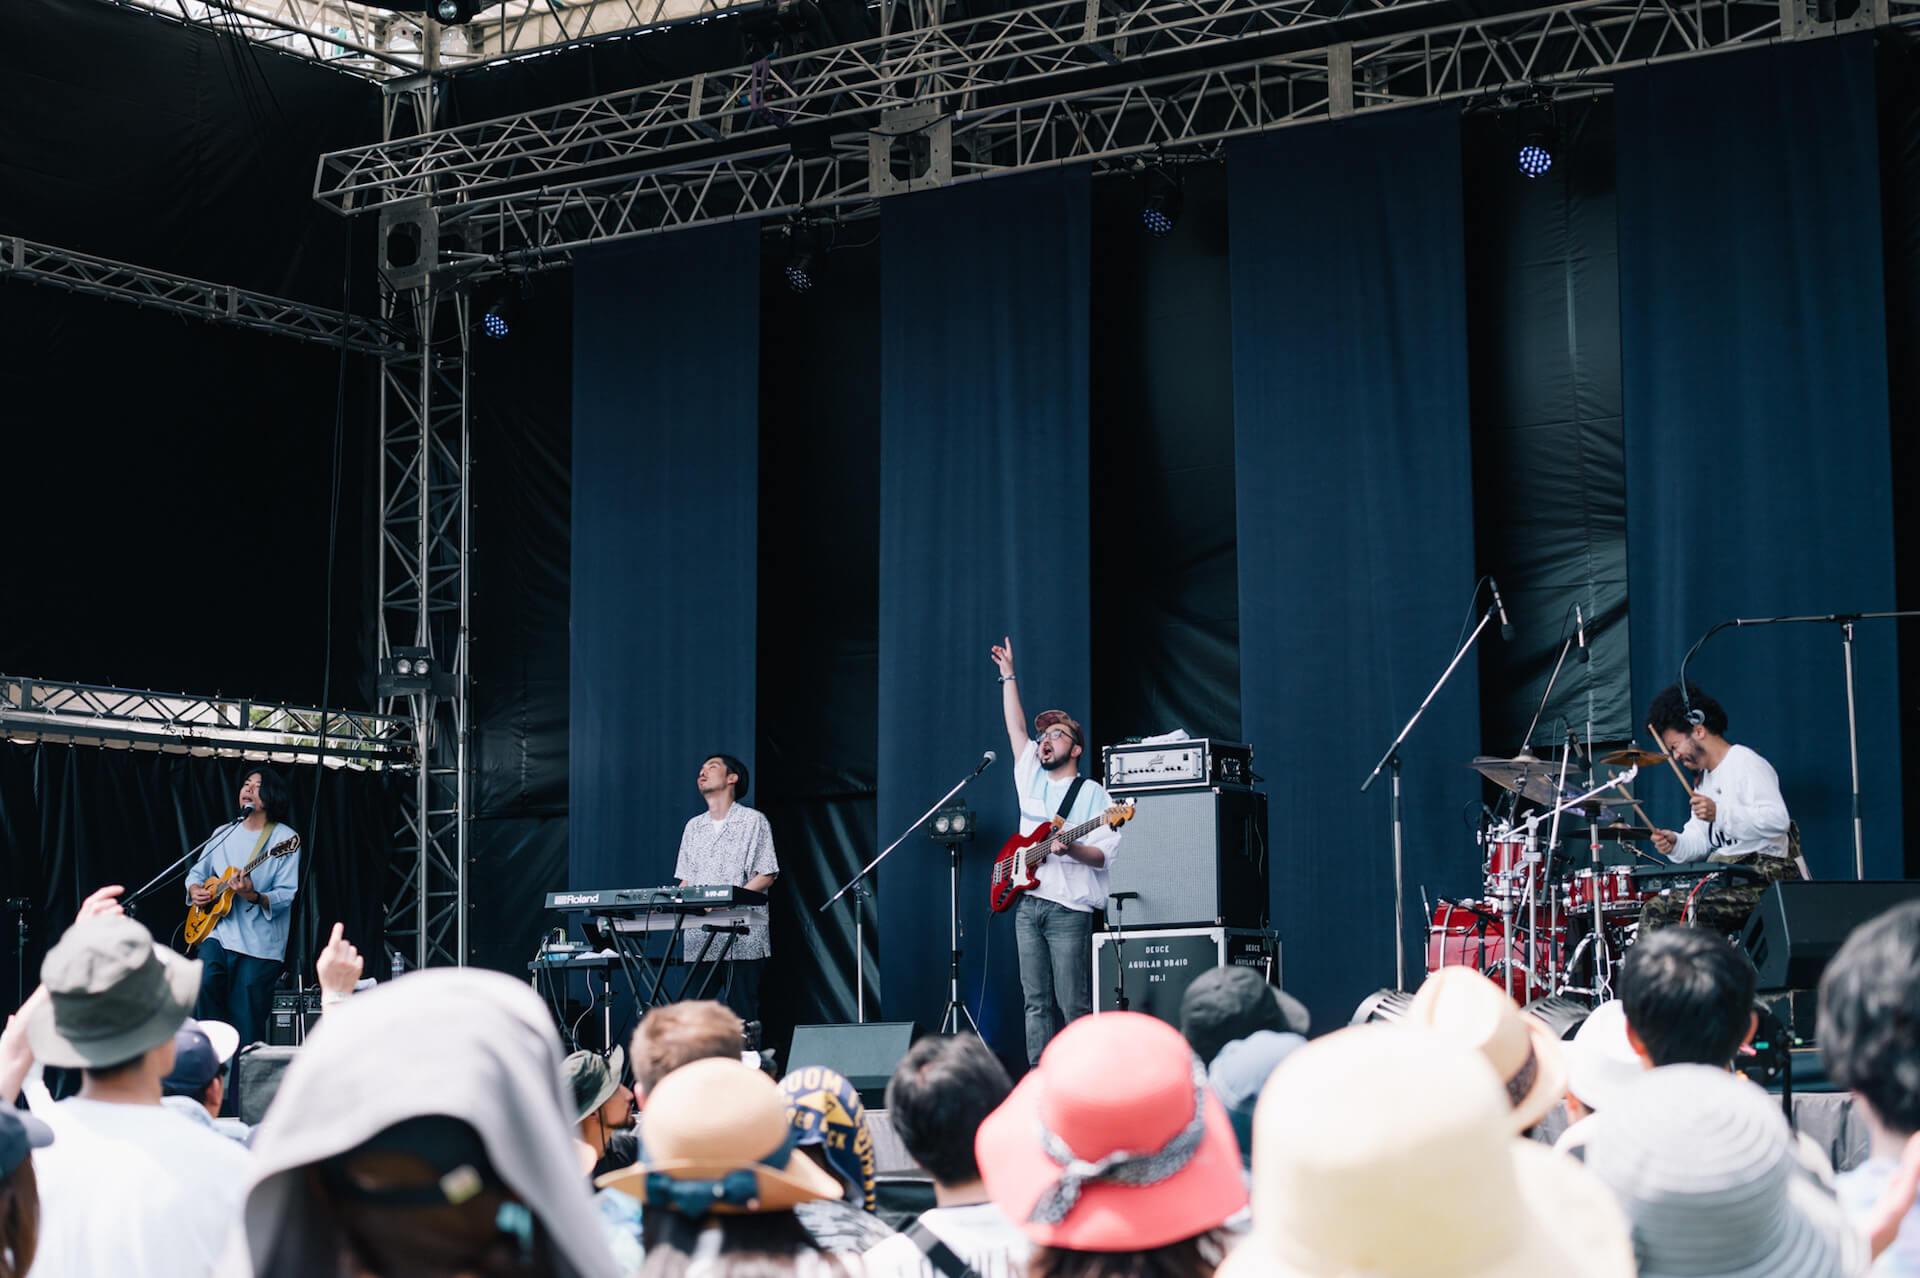 初開催のONE PARK FESTIVALレポート|WONK長塚、Ovall、福井のアーティストhendecagonと水咲加奈の感想は? music190719-oneparkfestival-13